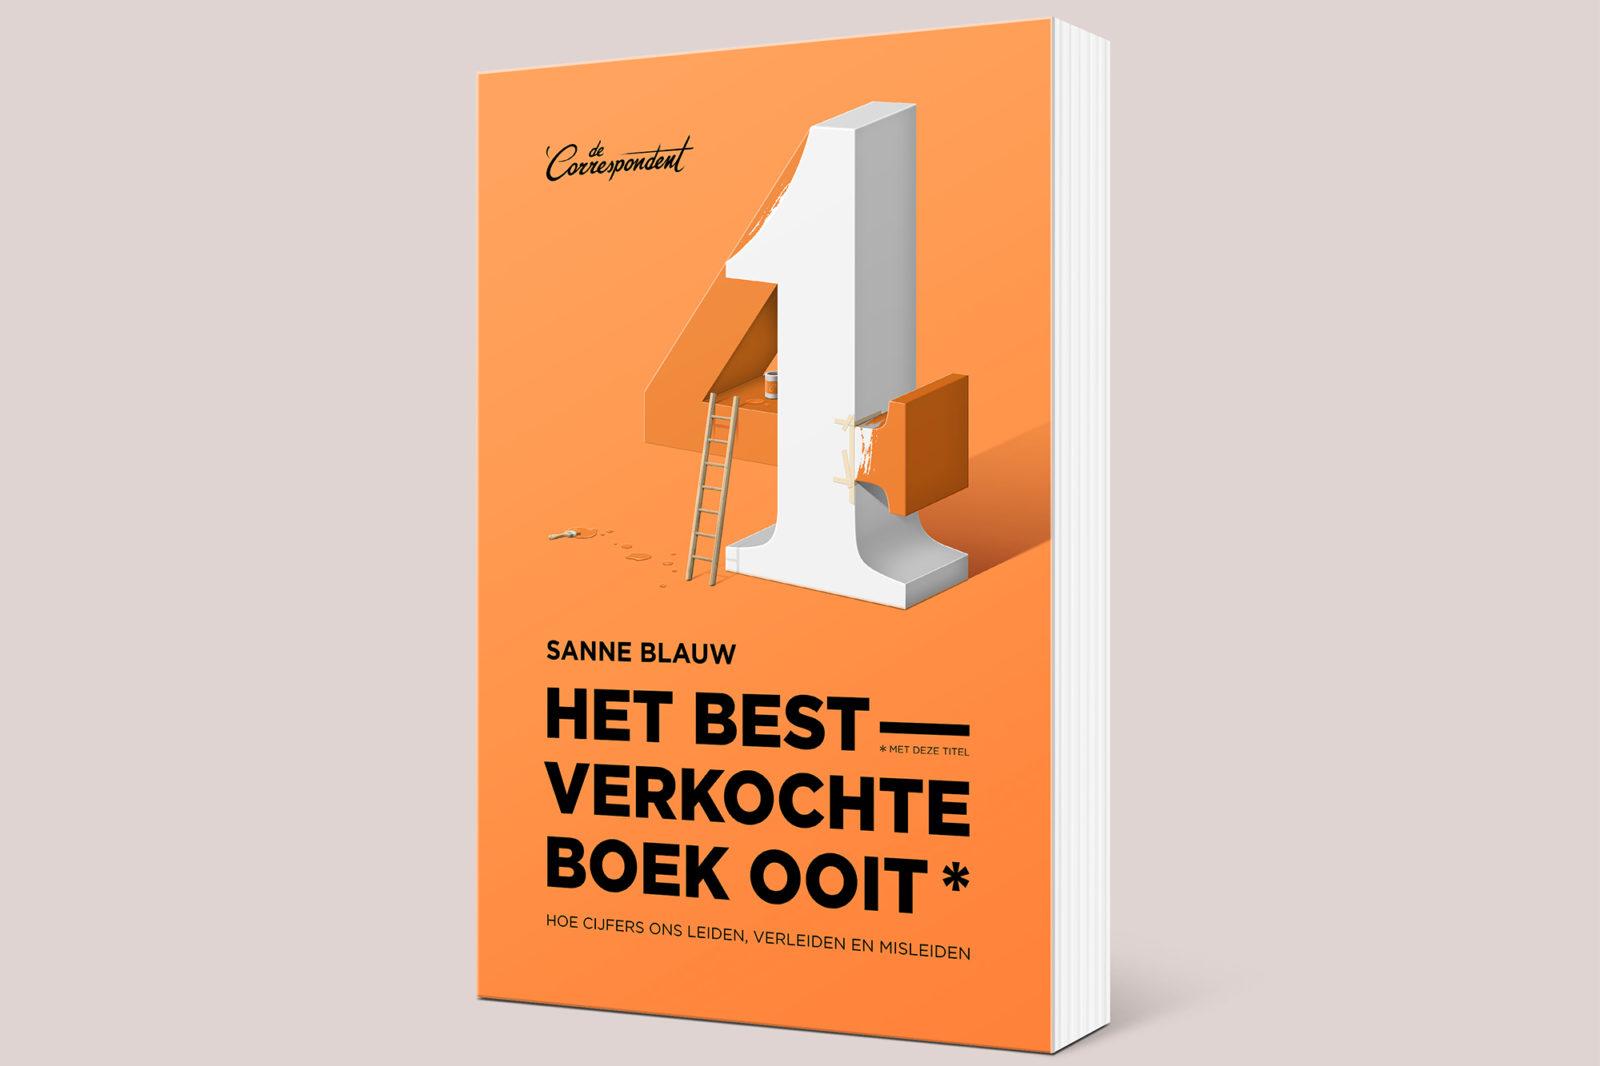 Het best verkochte boek ooit door Sanne Blauw